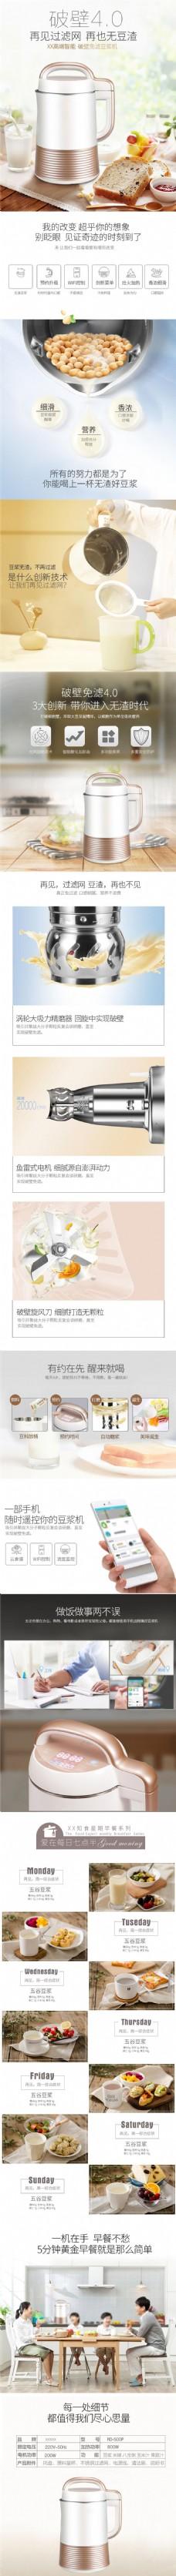 金色家用豆浆机天猫淘宝详情页psd模板